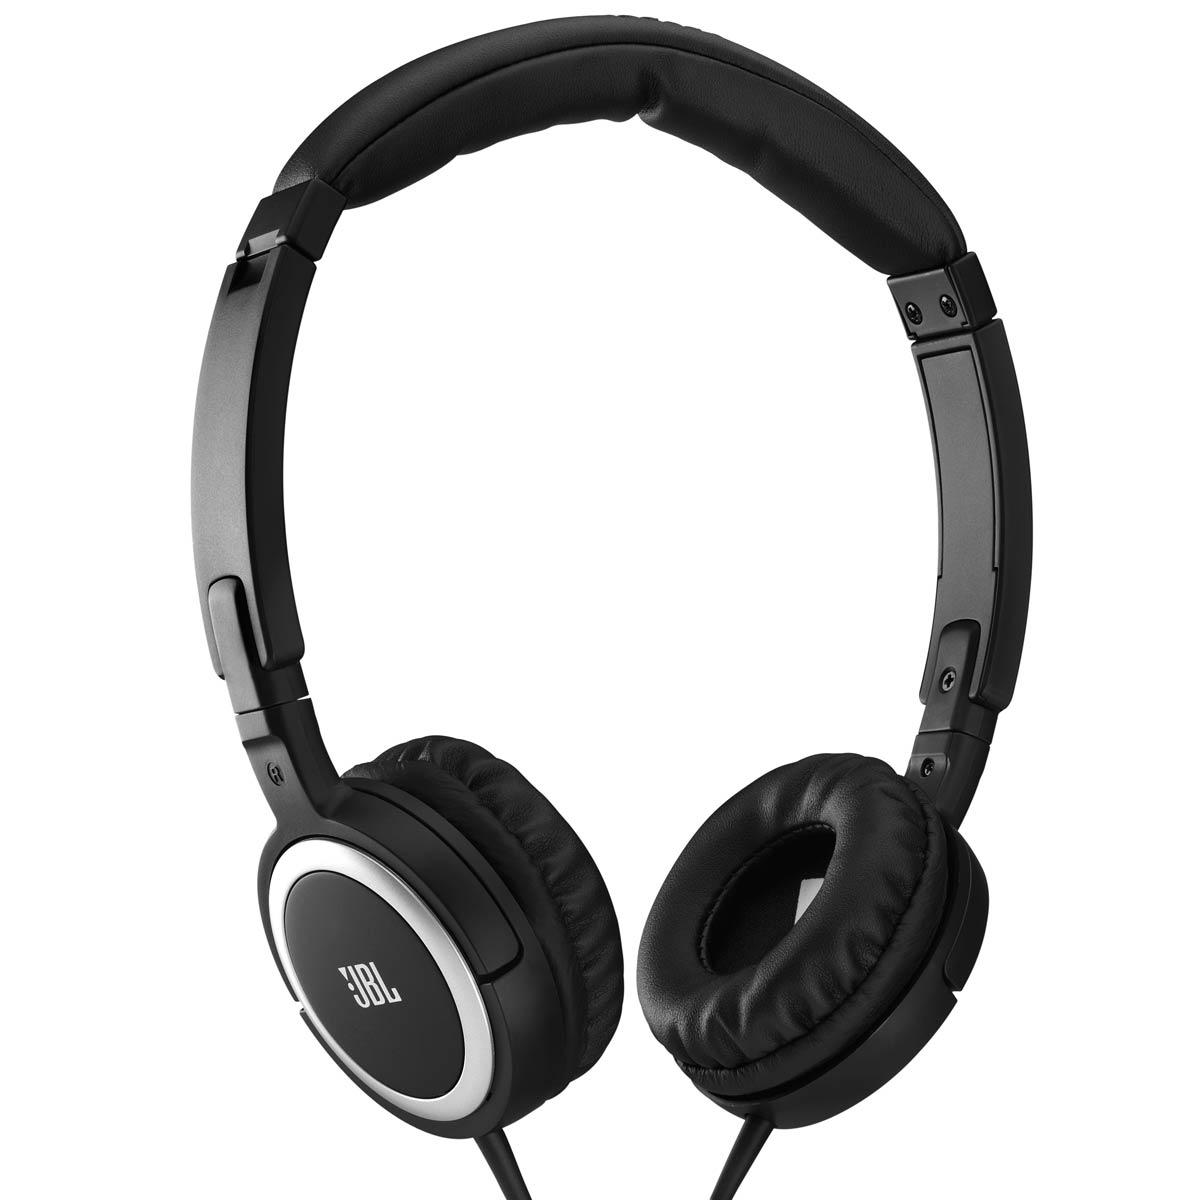 Vibe - Fone de Ouvido On-ear Cinza Vibe - JBL